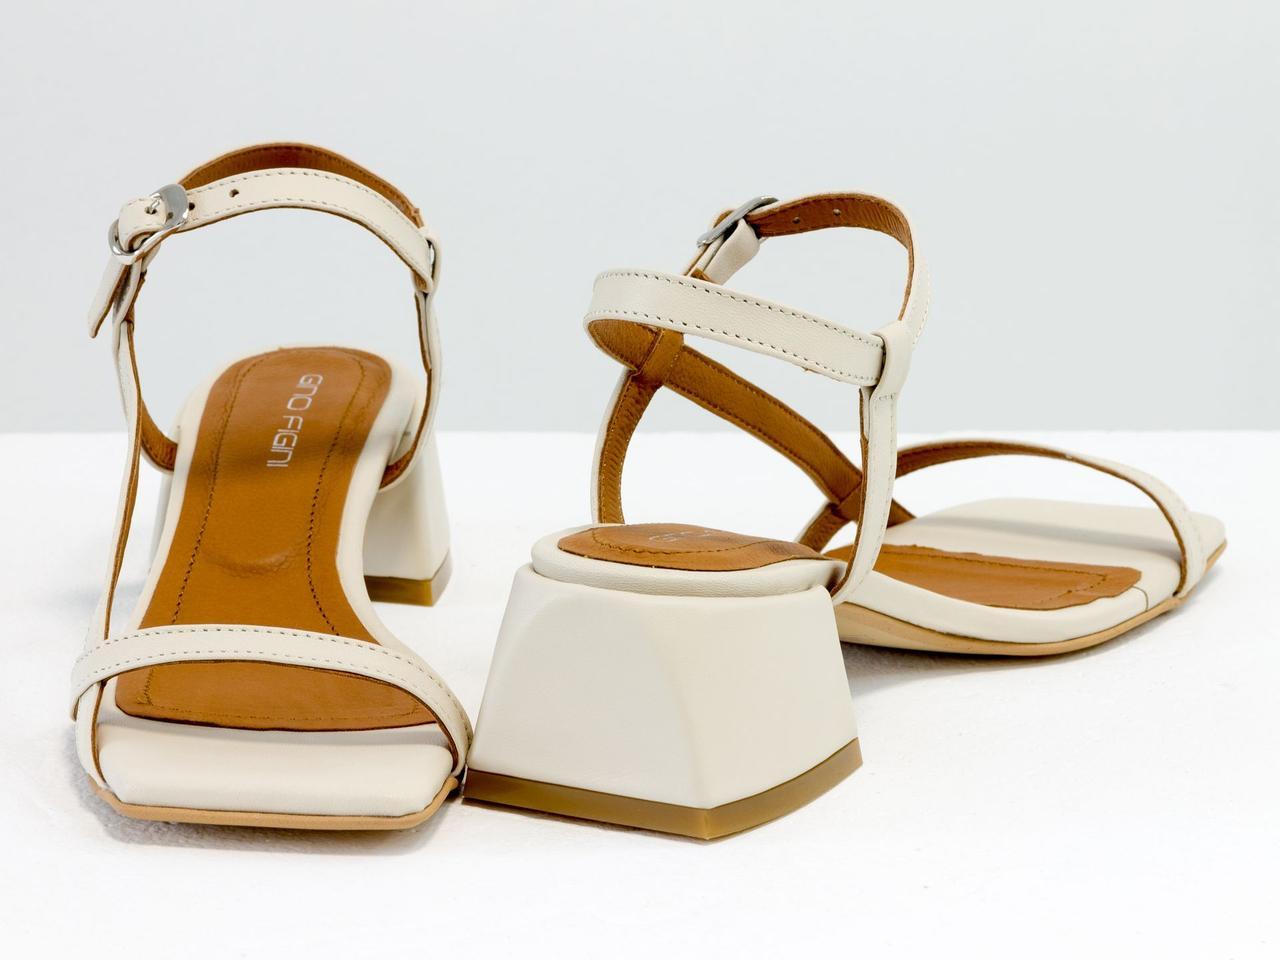 Молочные дизайнерские босоножки на невысоком расклешенном каблуке, выполнены из натуральной итальянской кожи